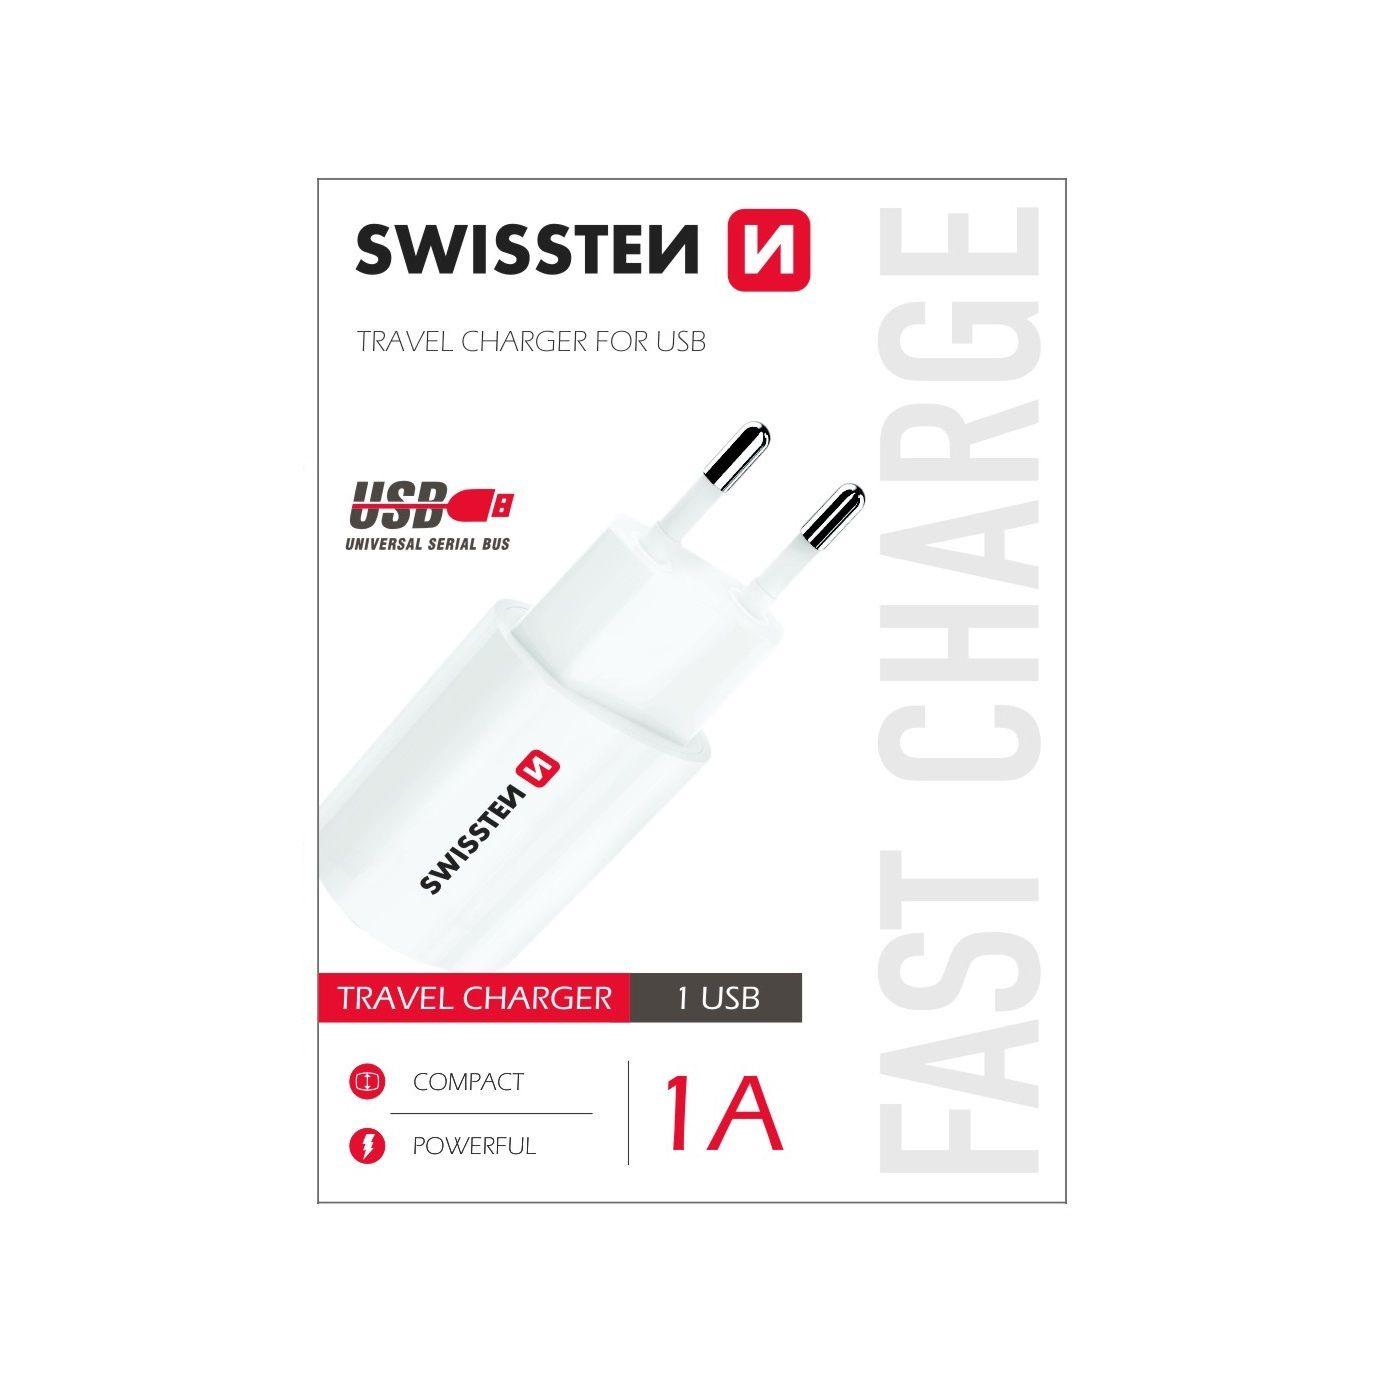 Nabíjecí AC adaptér pro iPhone a jiné mobilní telefony - SWISSTEN, 1A